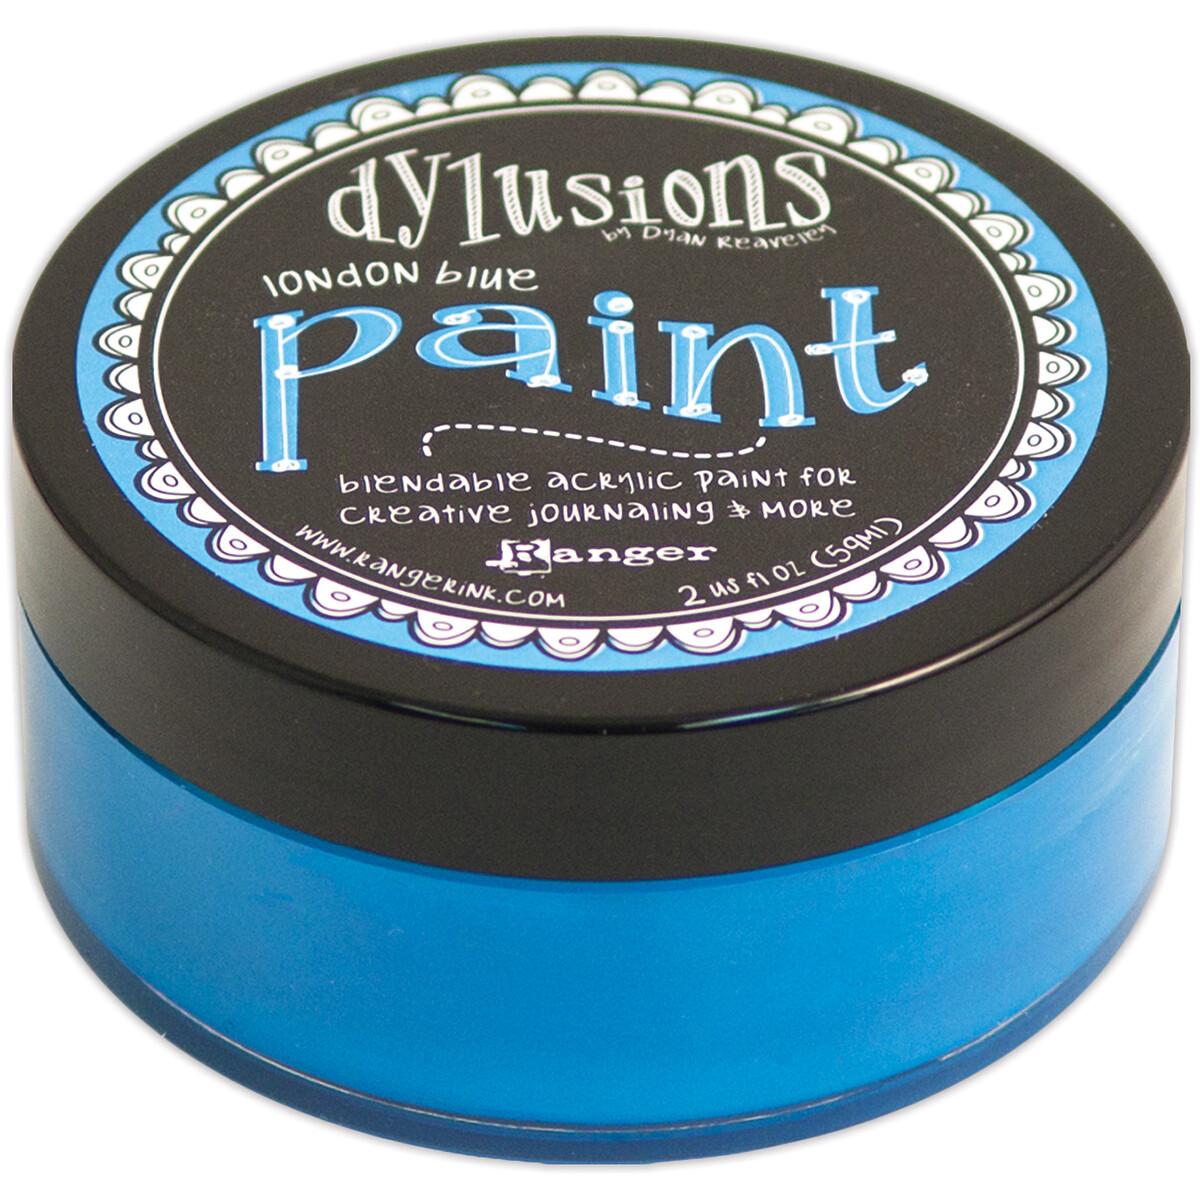 Dylusions Blendable Acrylic Paint 2oz - London Blue